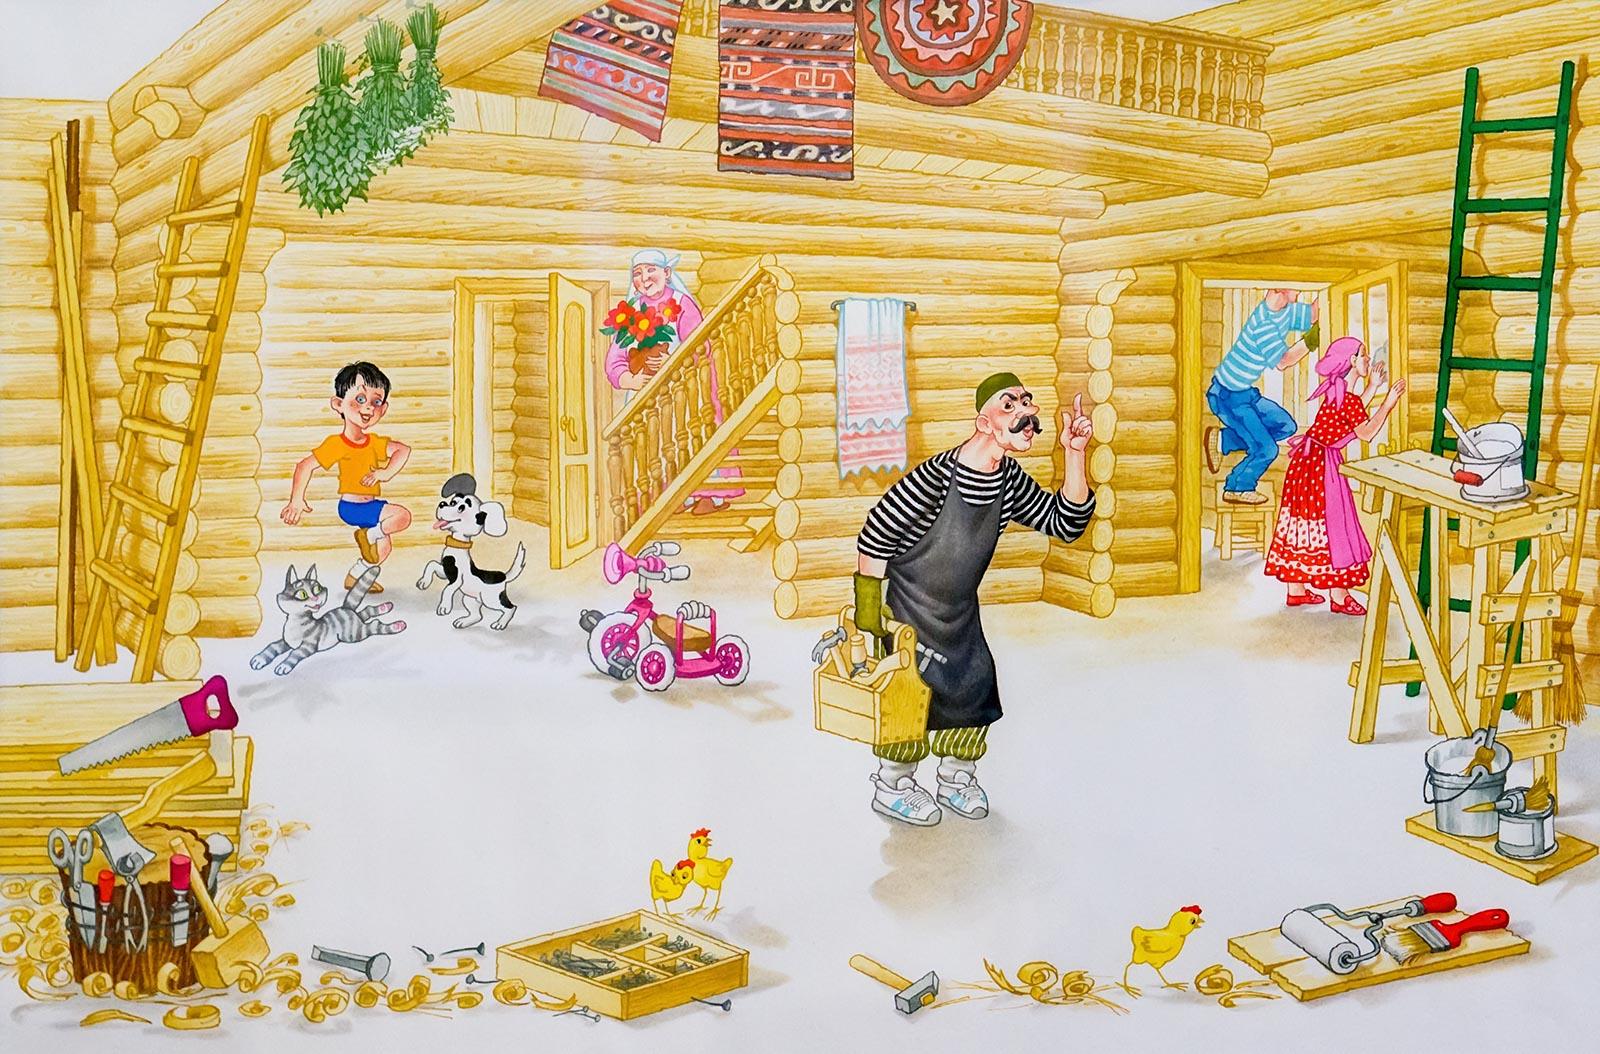 же, татарский дом рисунок понравившиеся фотографии, люди